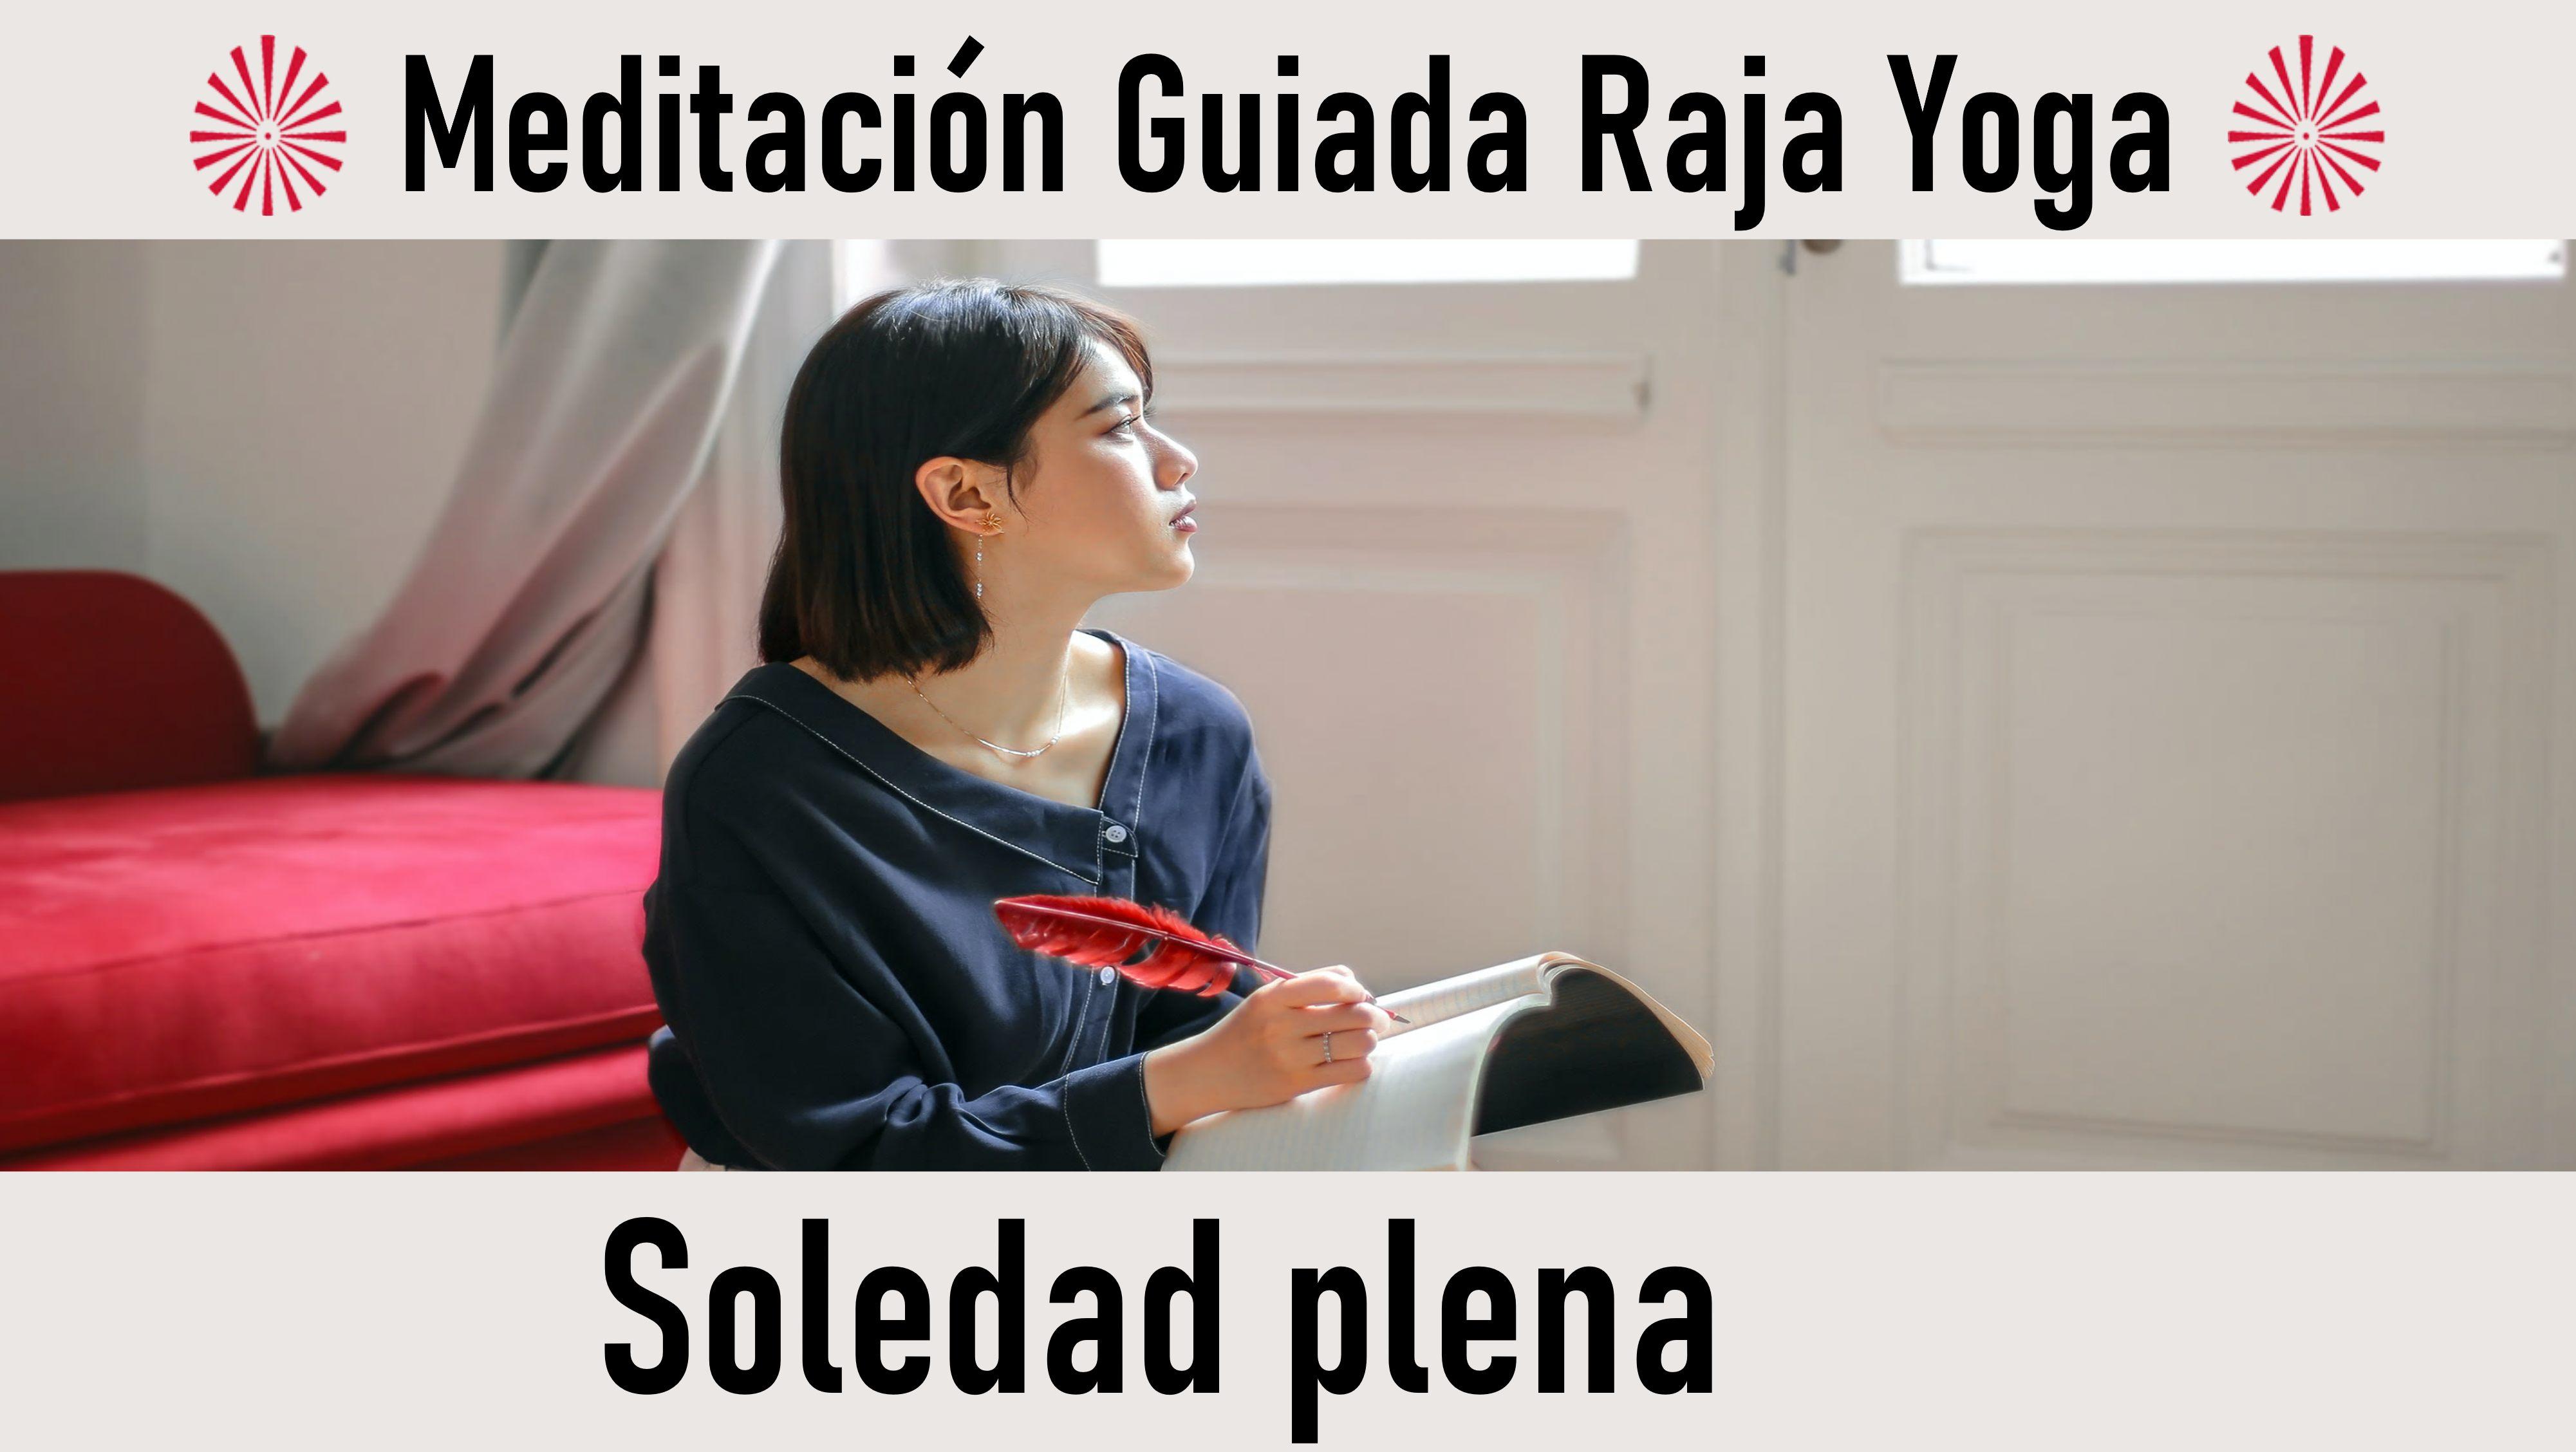 28 Septiembre 2020 Meditación guiada: Soledad plena